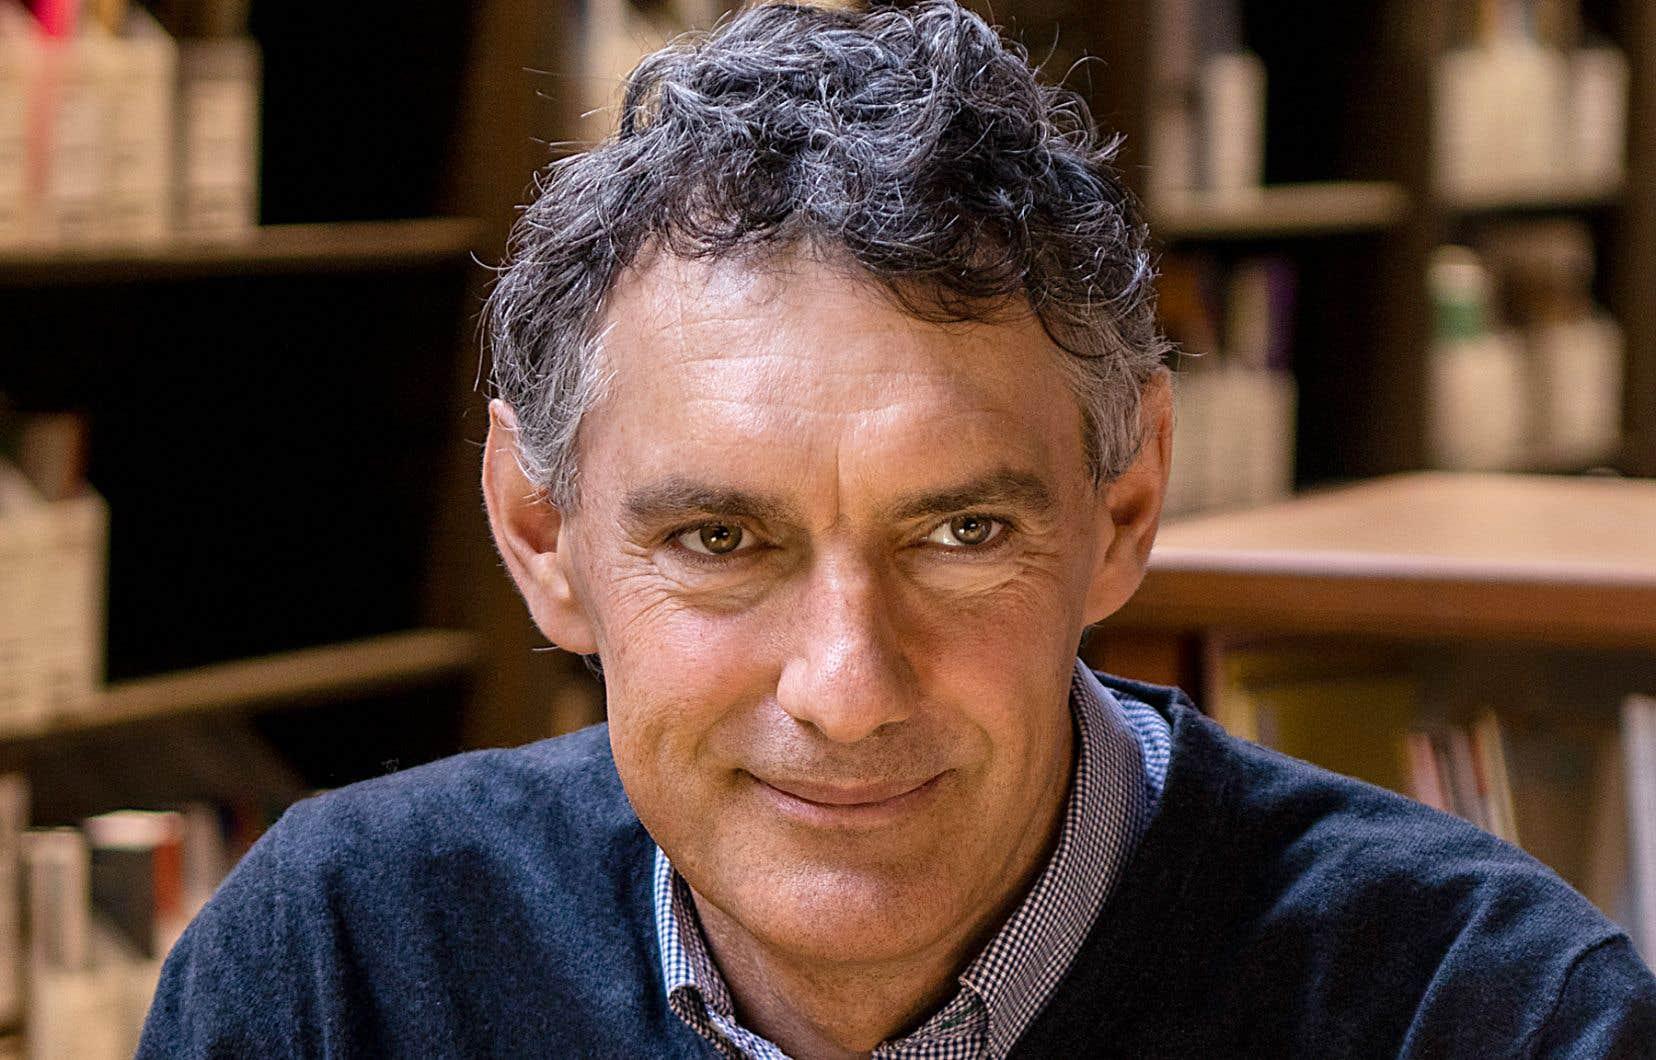 Les idées des économistes Emmanuel Saez (photo) et Gabriel Zucman se rappro-chent de celles du chroniqueur américain nobélisé Paul Krugman.